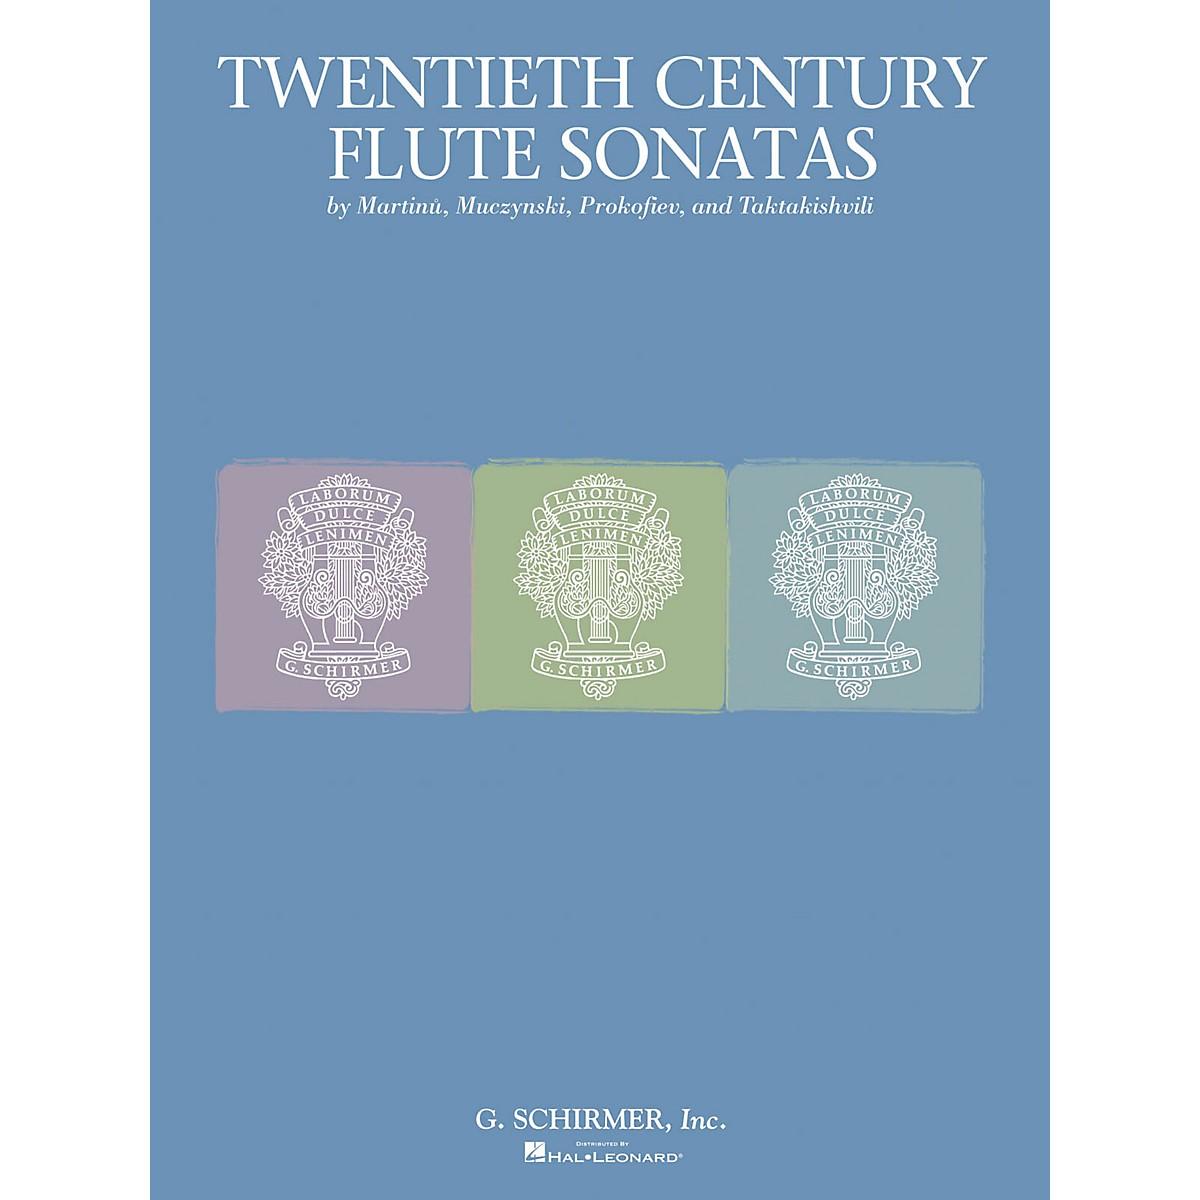 G. Schirmer Twentieth Century Flute Sonata Collection Woodwind Solo Series